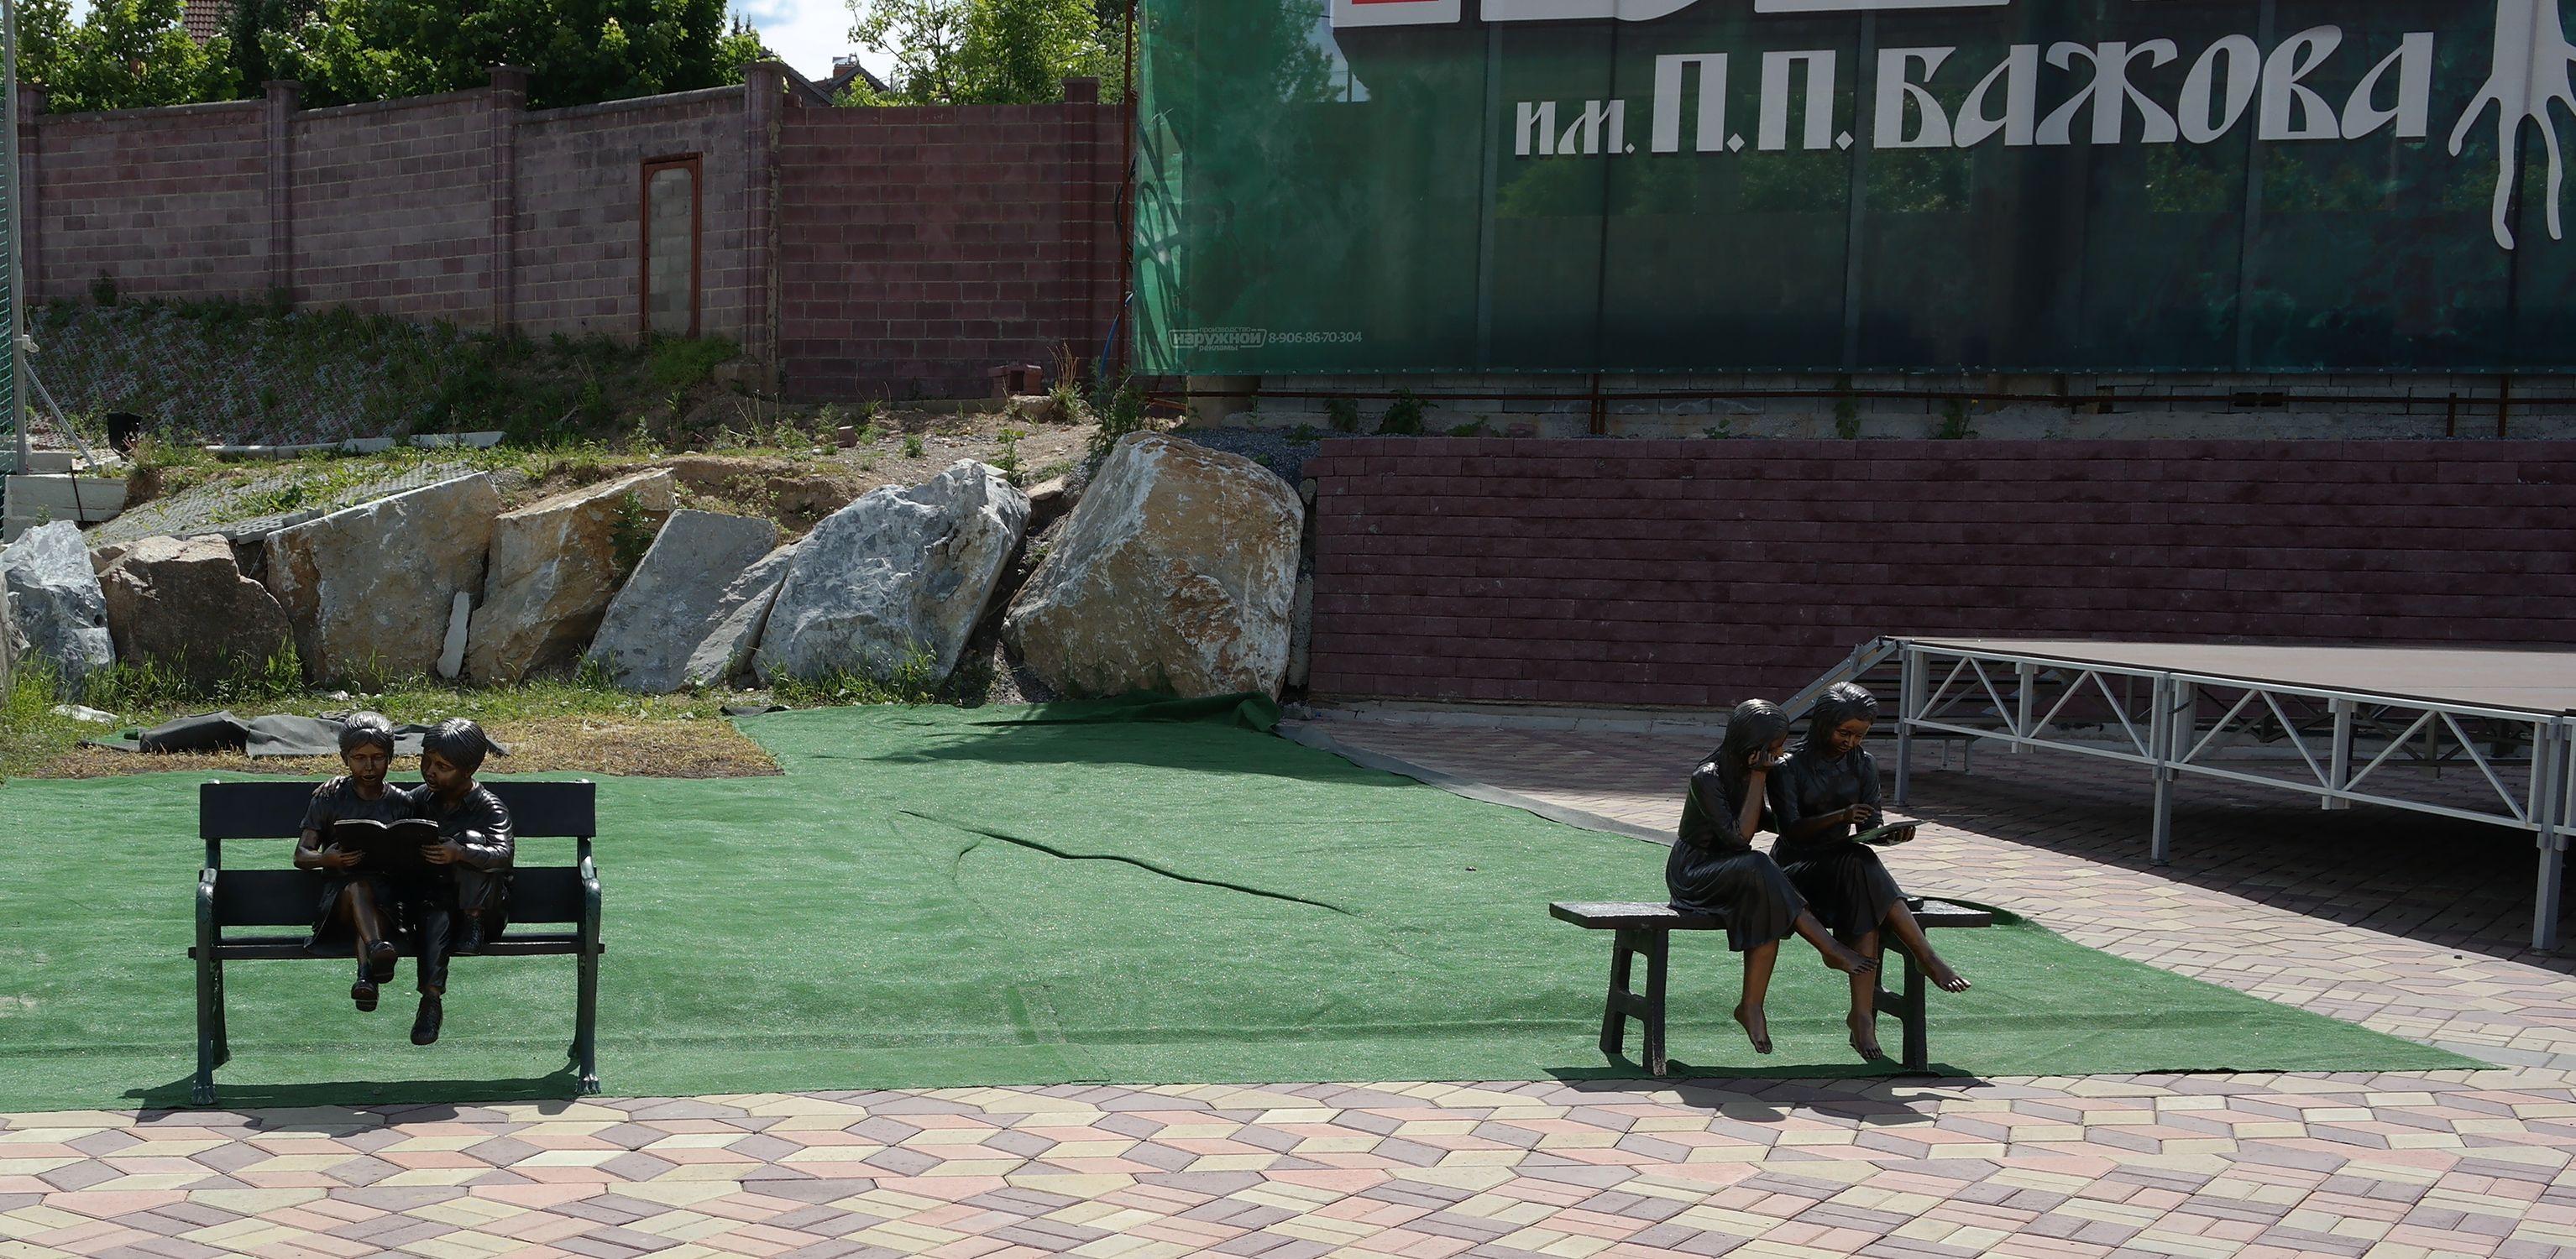 Горный парк им. Бажова в Златоусте: много фотографий